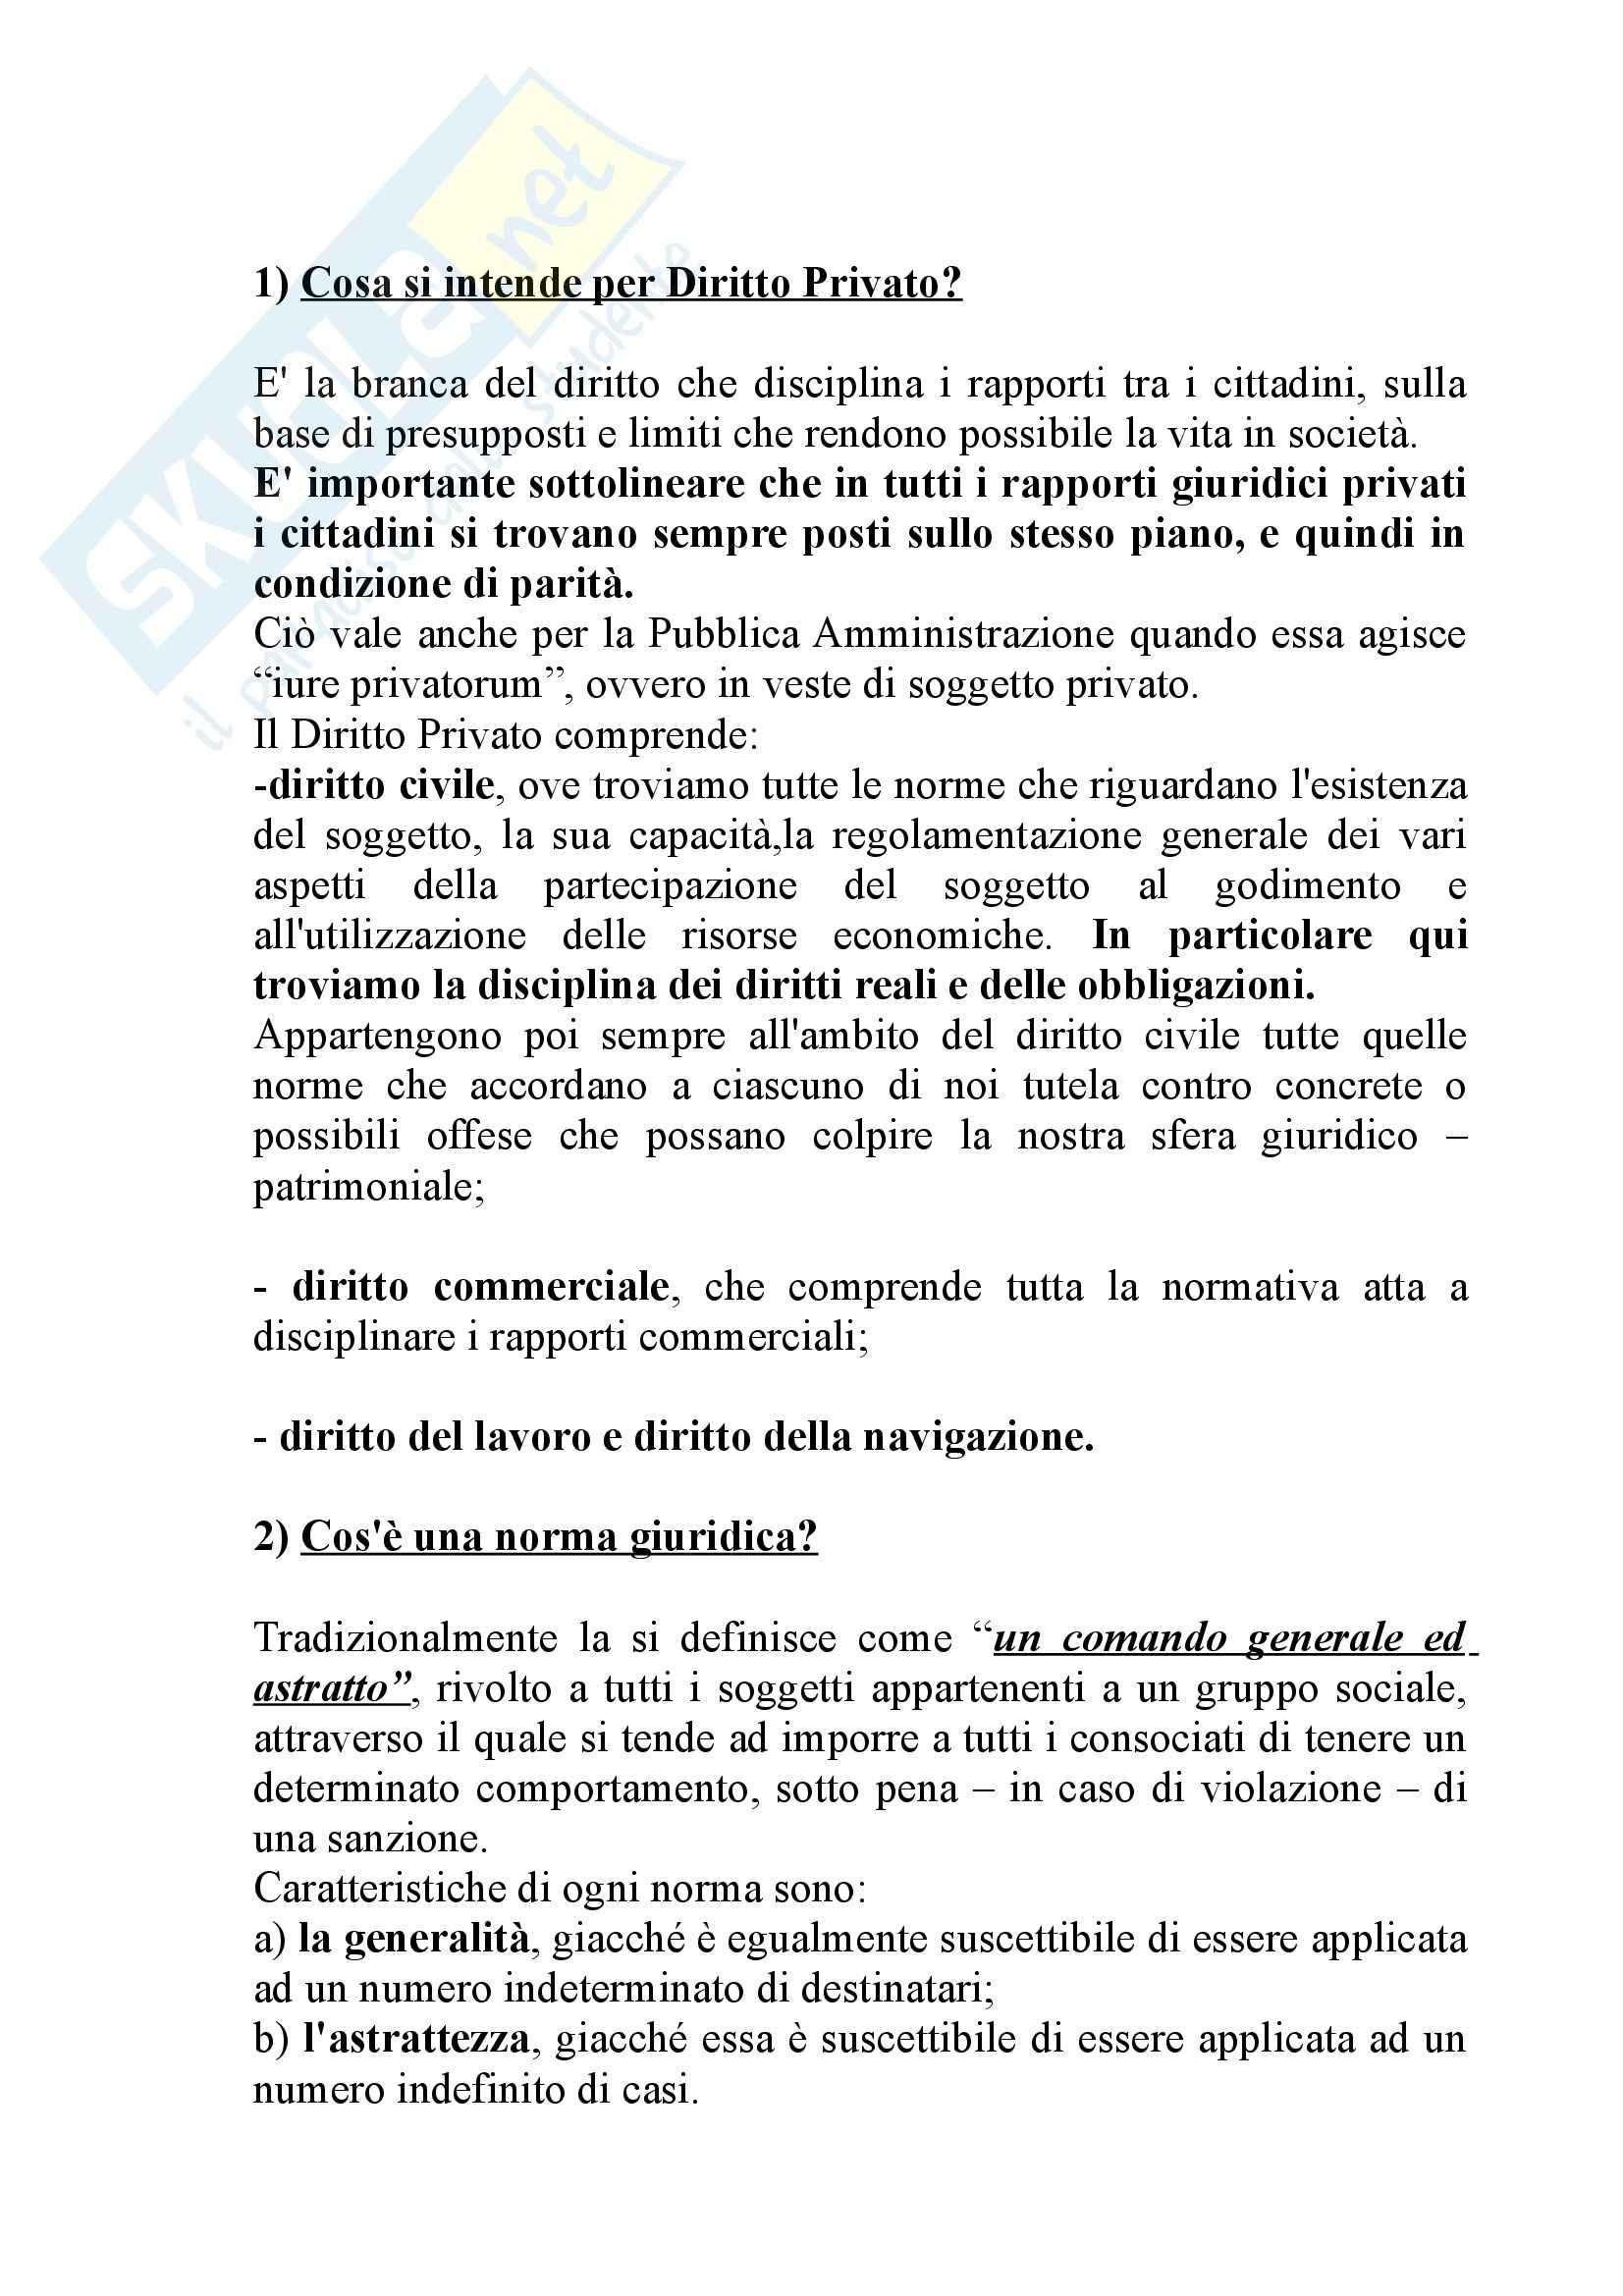 Riassunto esame Istituzioni di Diritto Privato, prof. Casnici